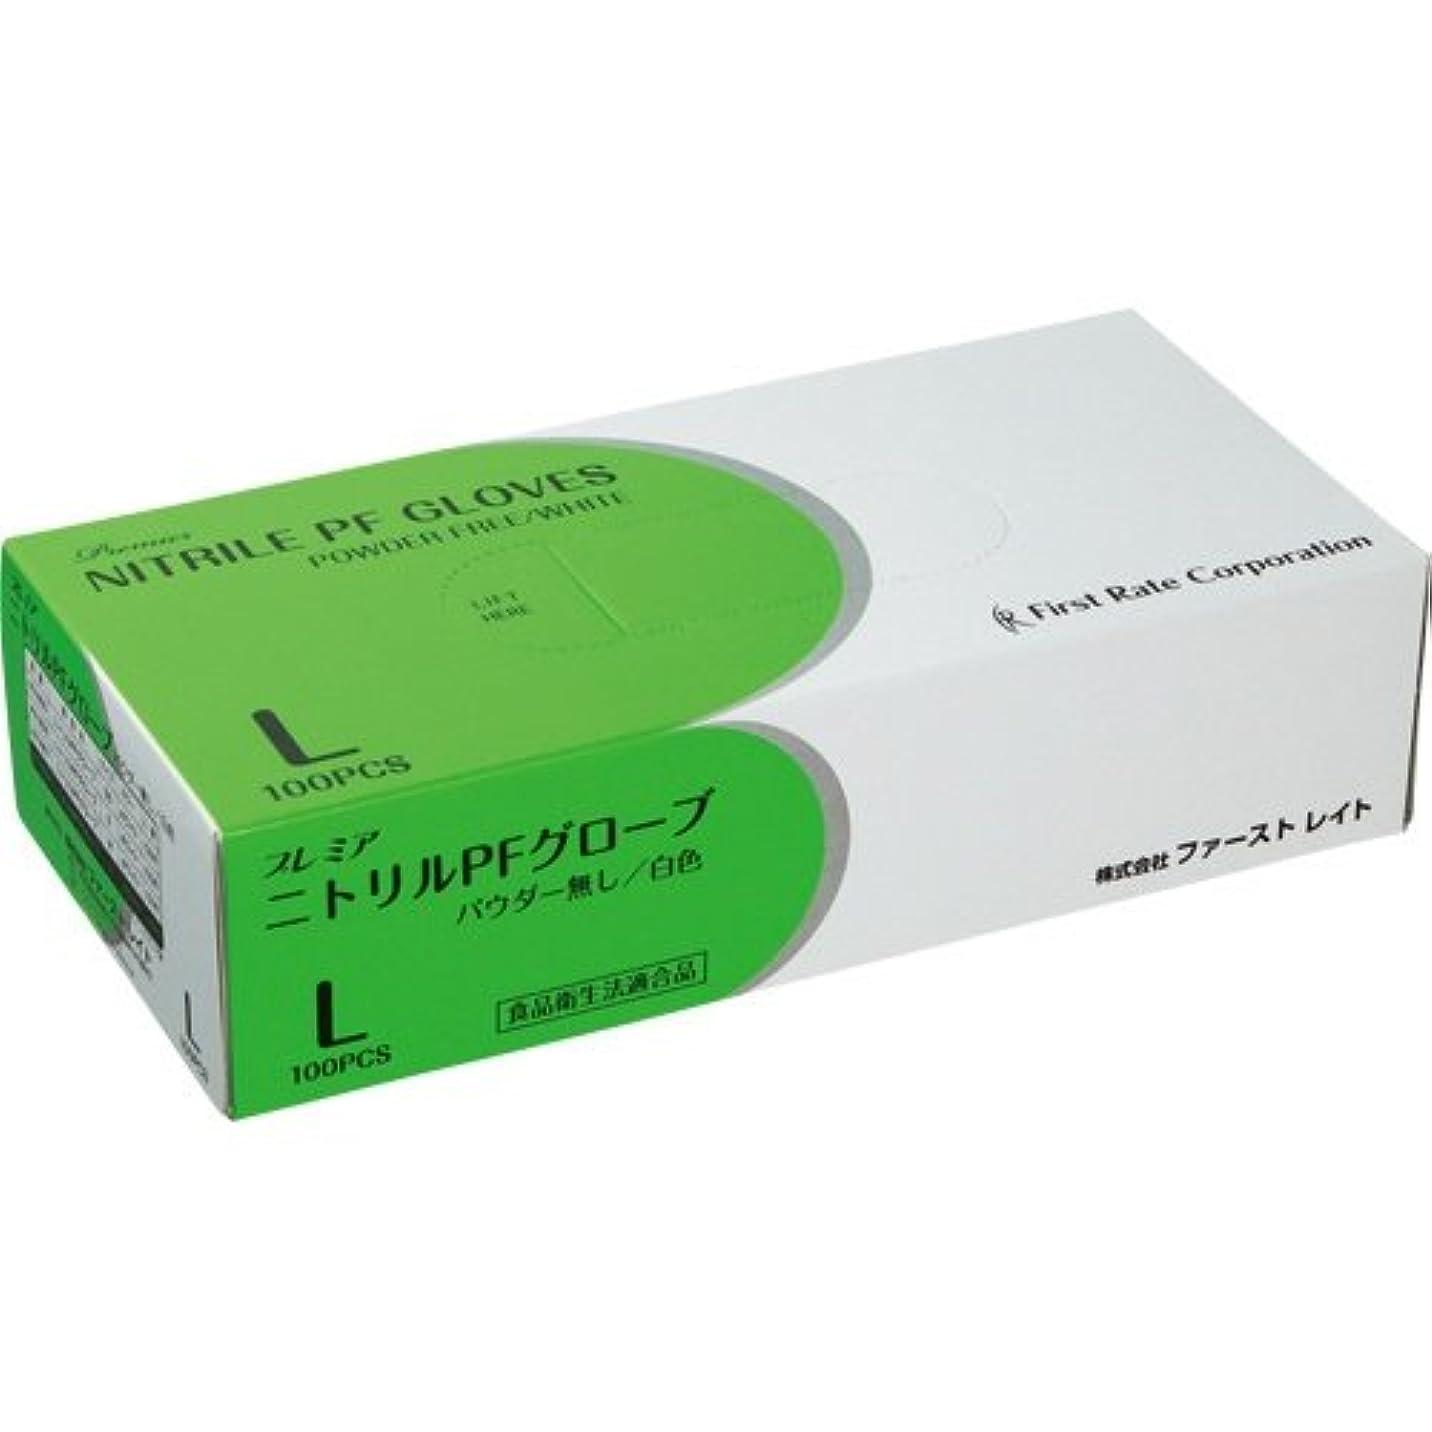 逃す瞳レザーファーストレイト プレミアニトリルPFグローブ パウダーフリー ホワイト L FR-858 1セット(1000枚:100枚×10箱)